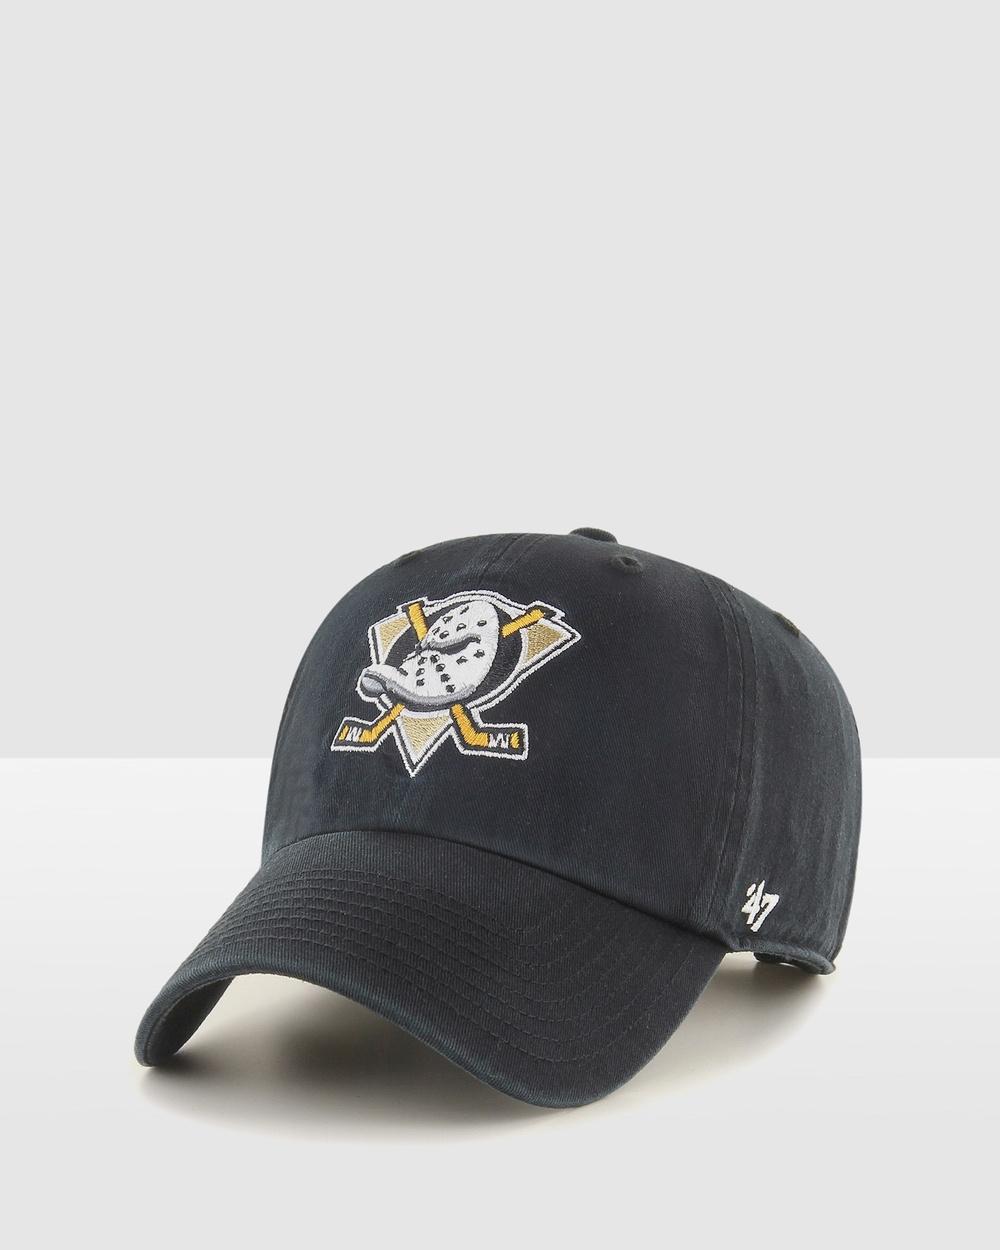 47 Anaheim Ducks Black 47 Clean Up Hats Black